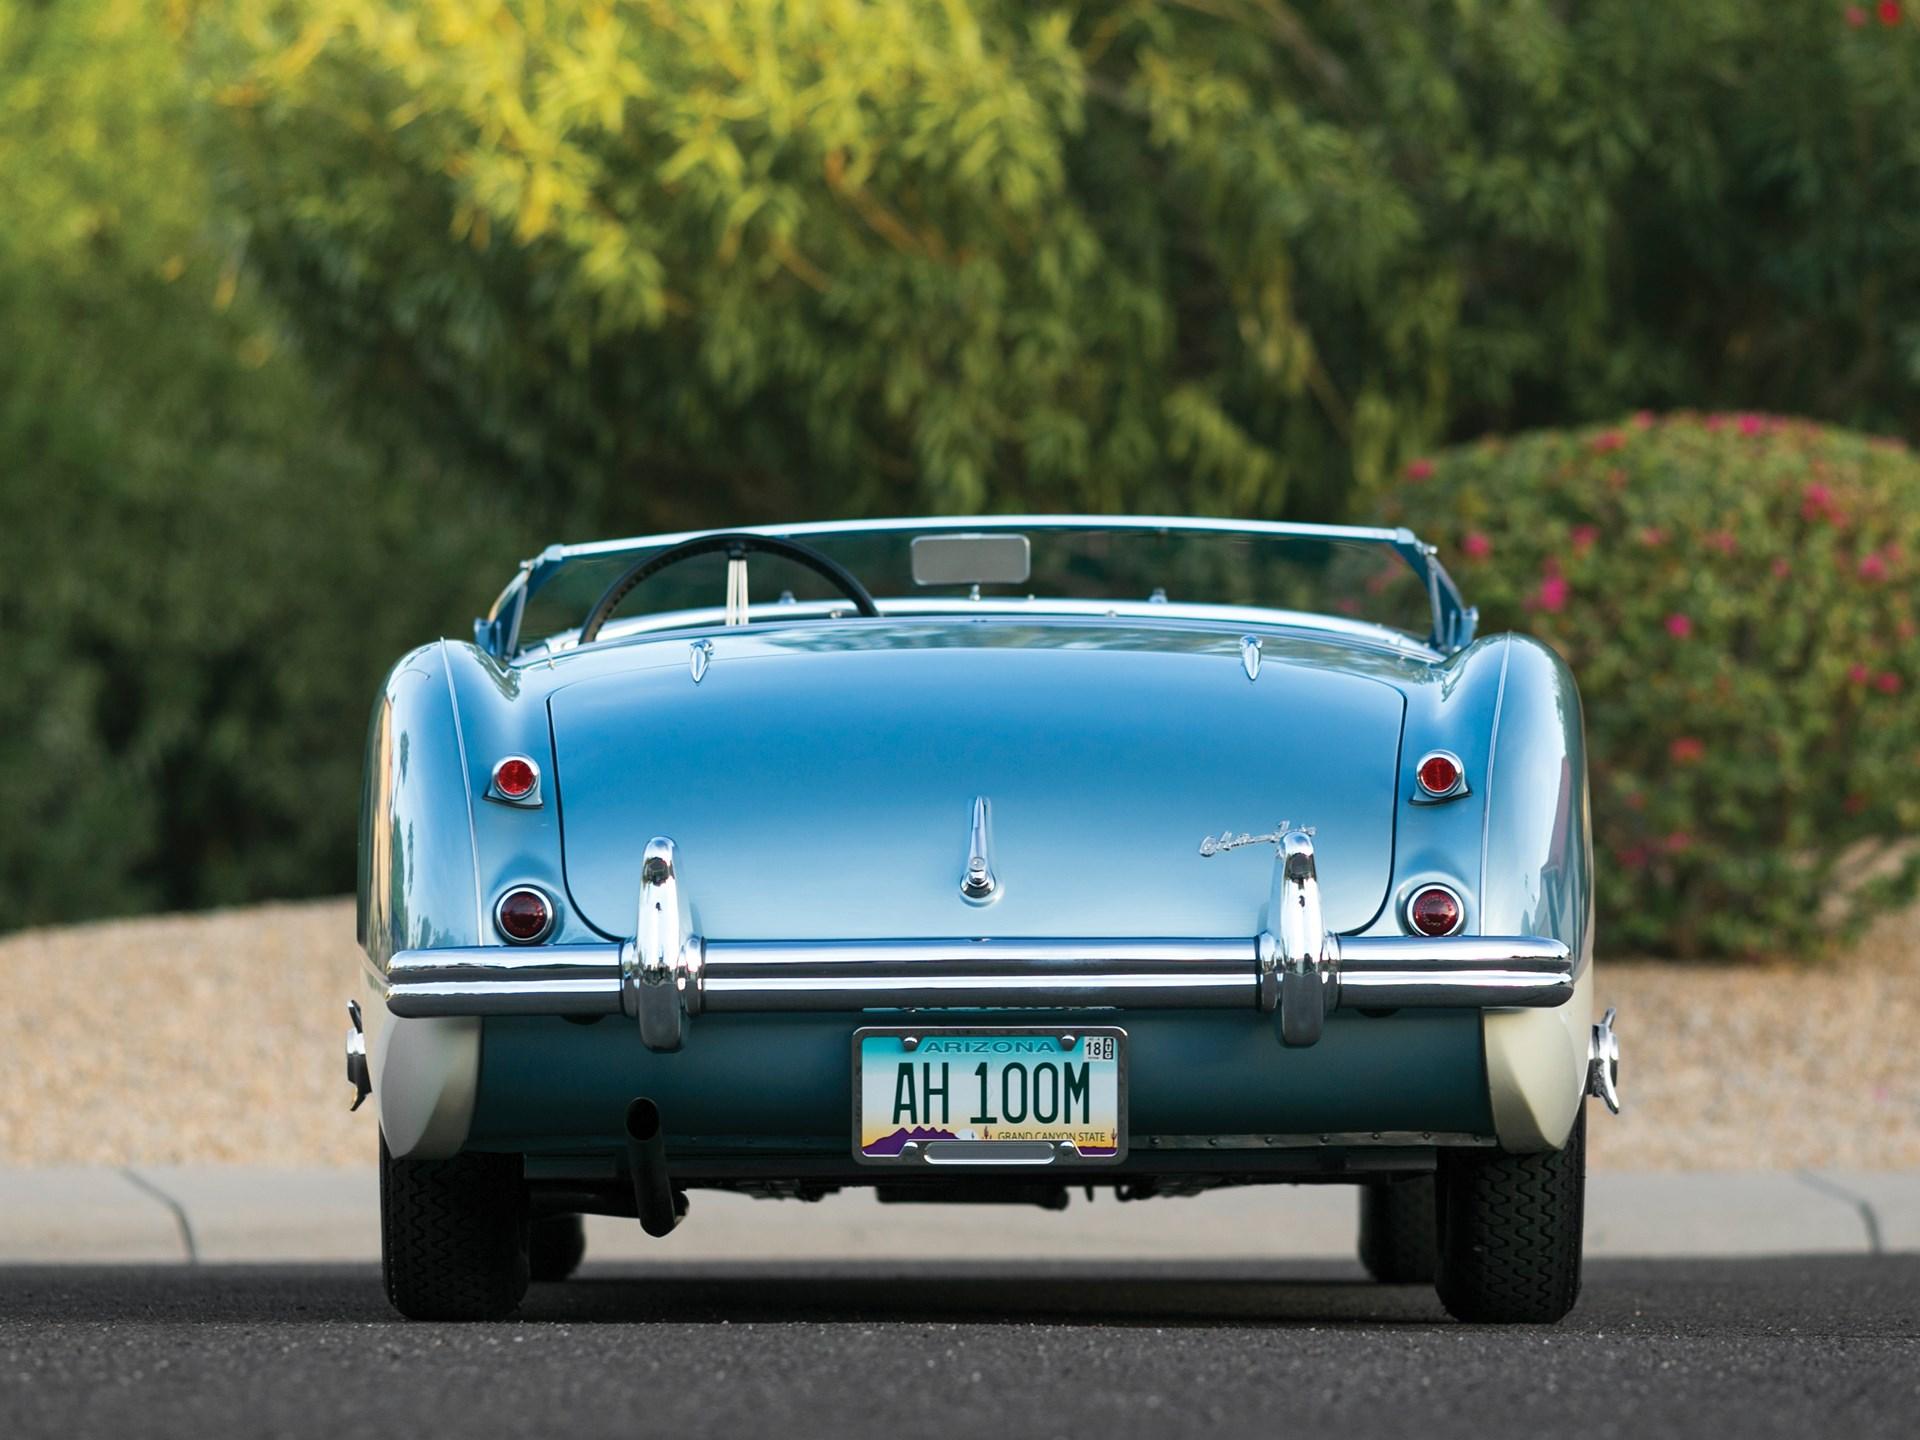 1956 Austin-Healey 100 M 'Le Mans'